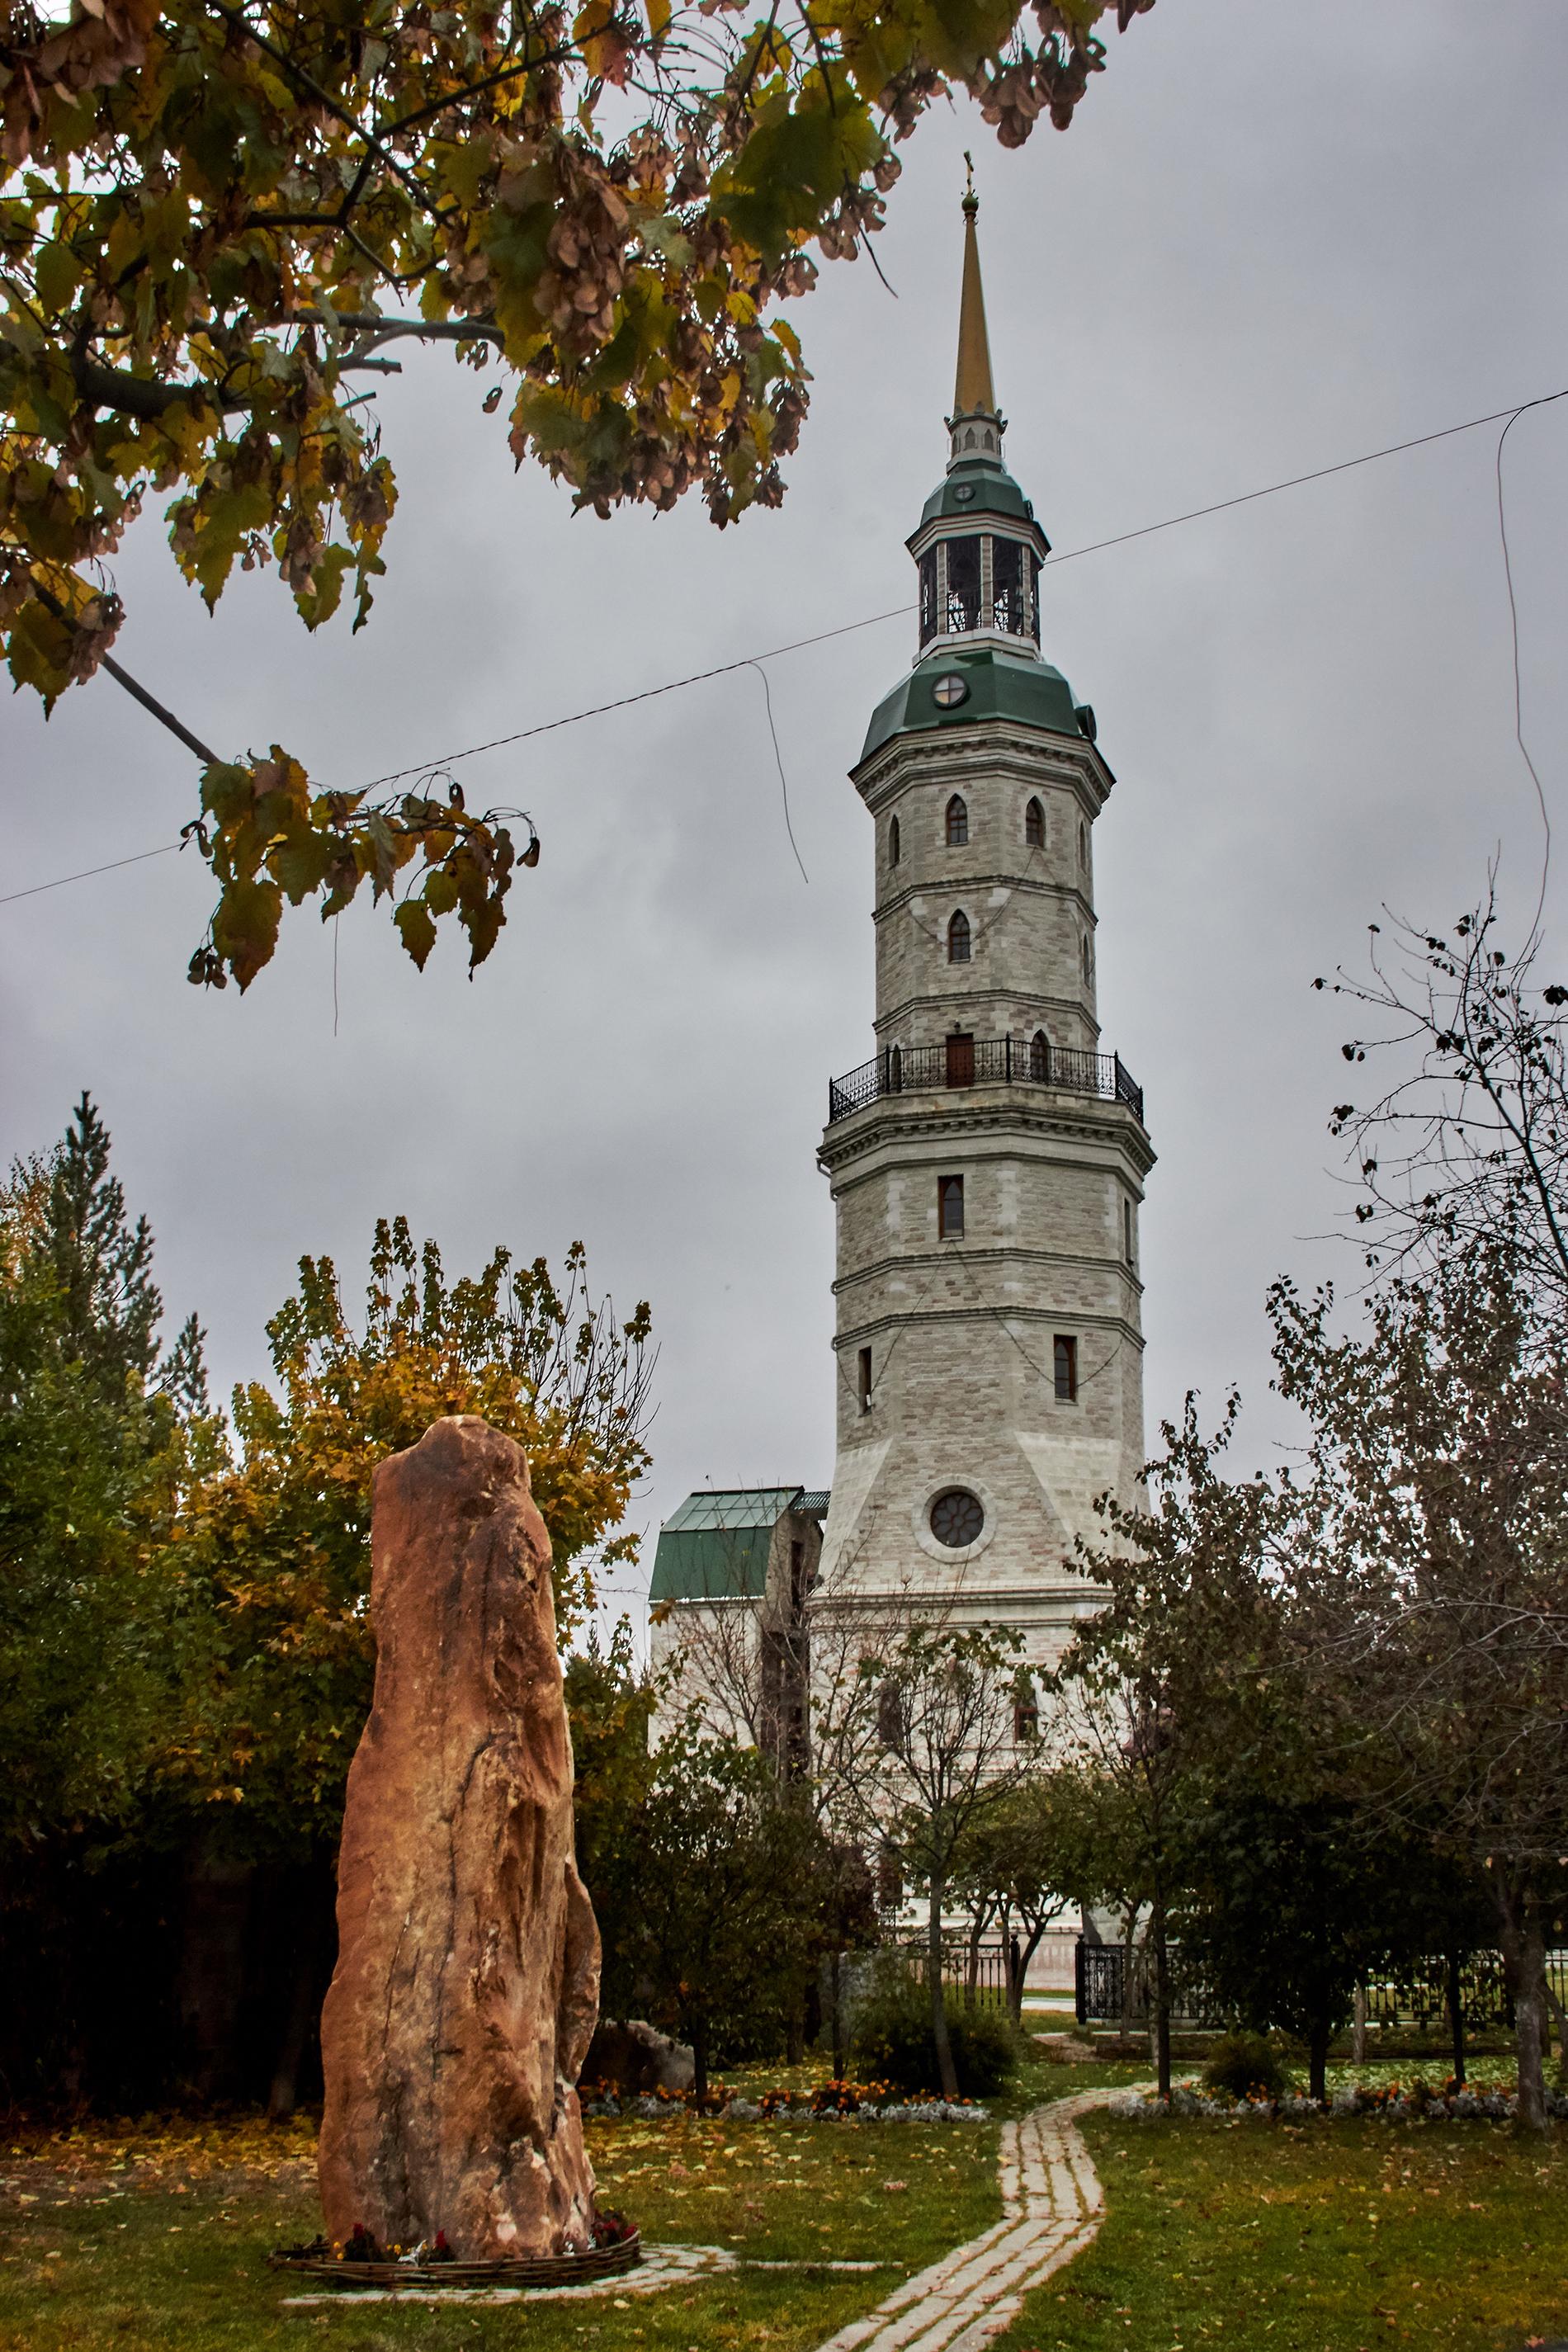 Башня-колокольня Иоанна Златоуста. Златоуст, октябрь 2017.